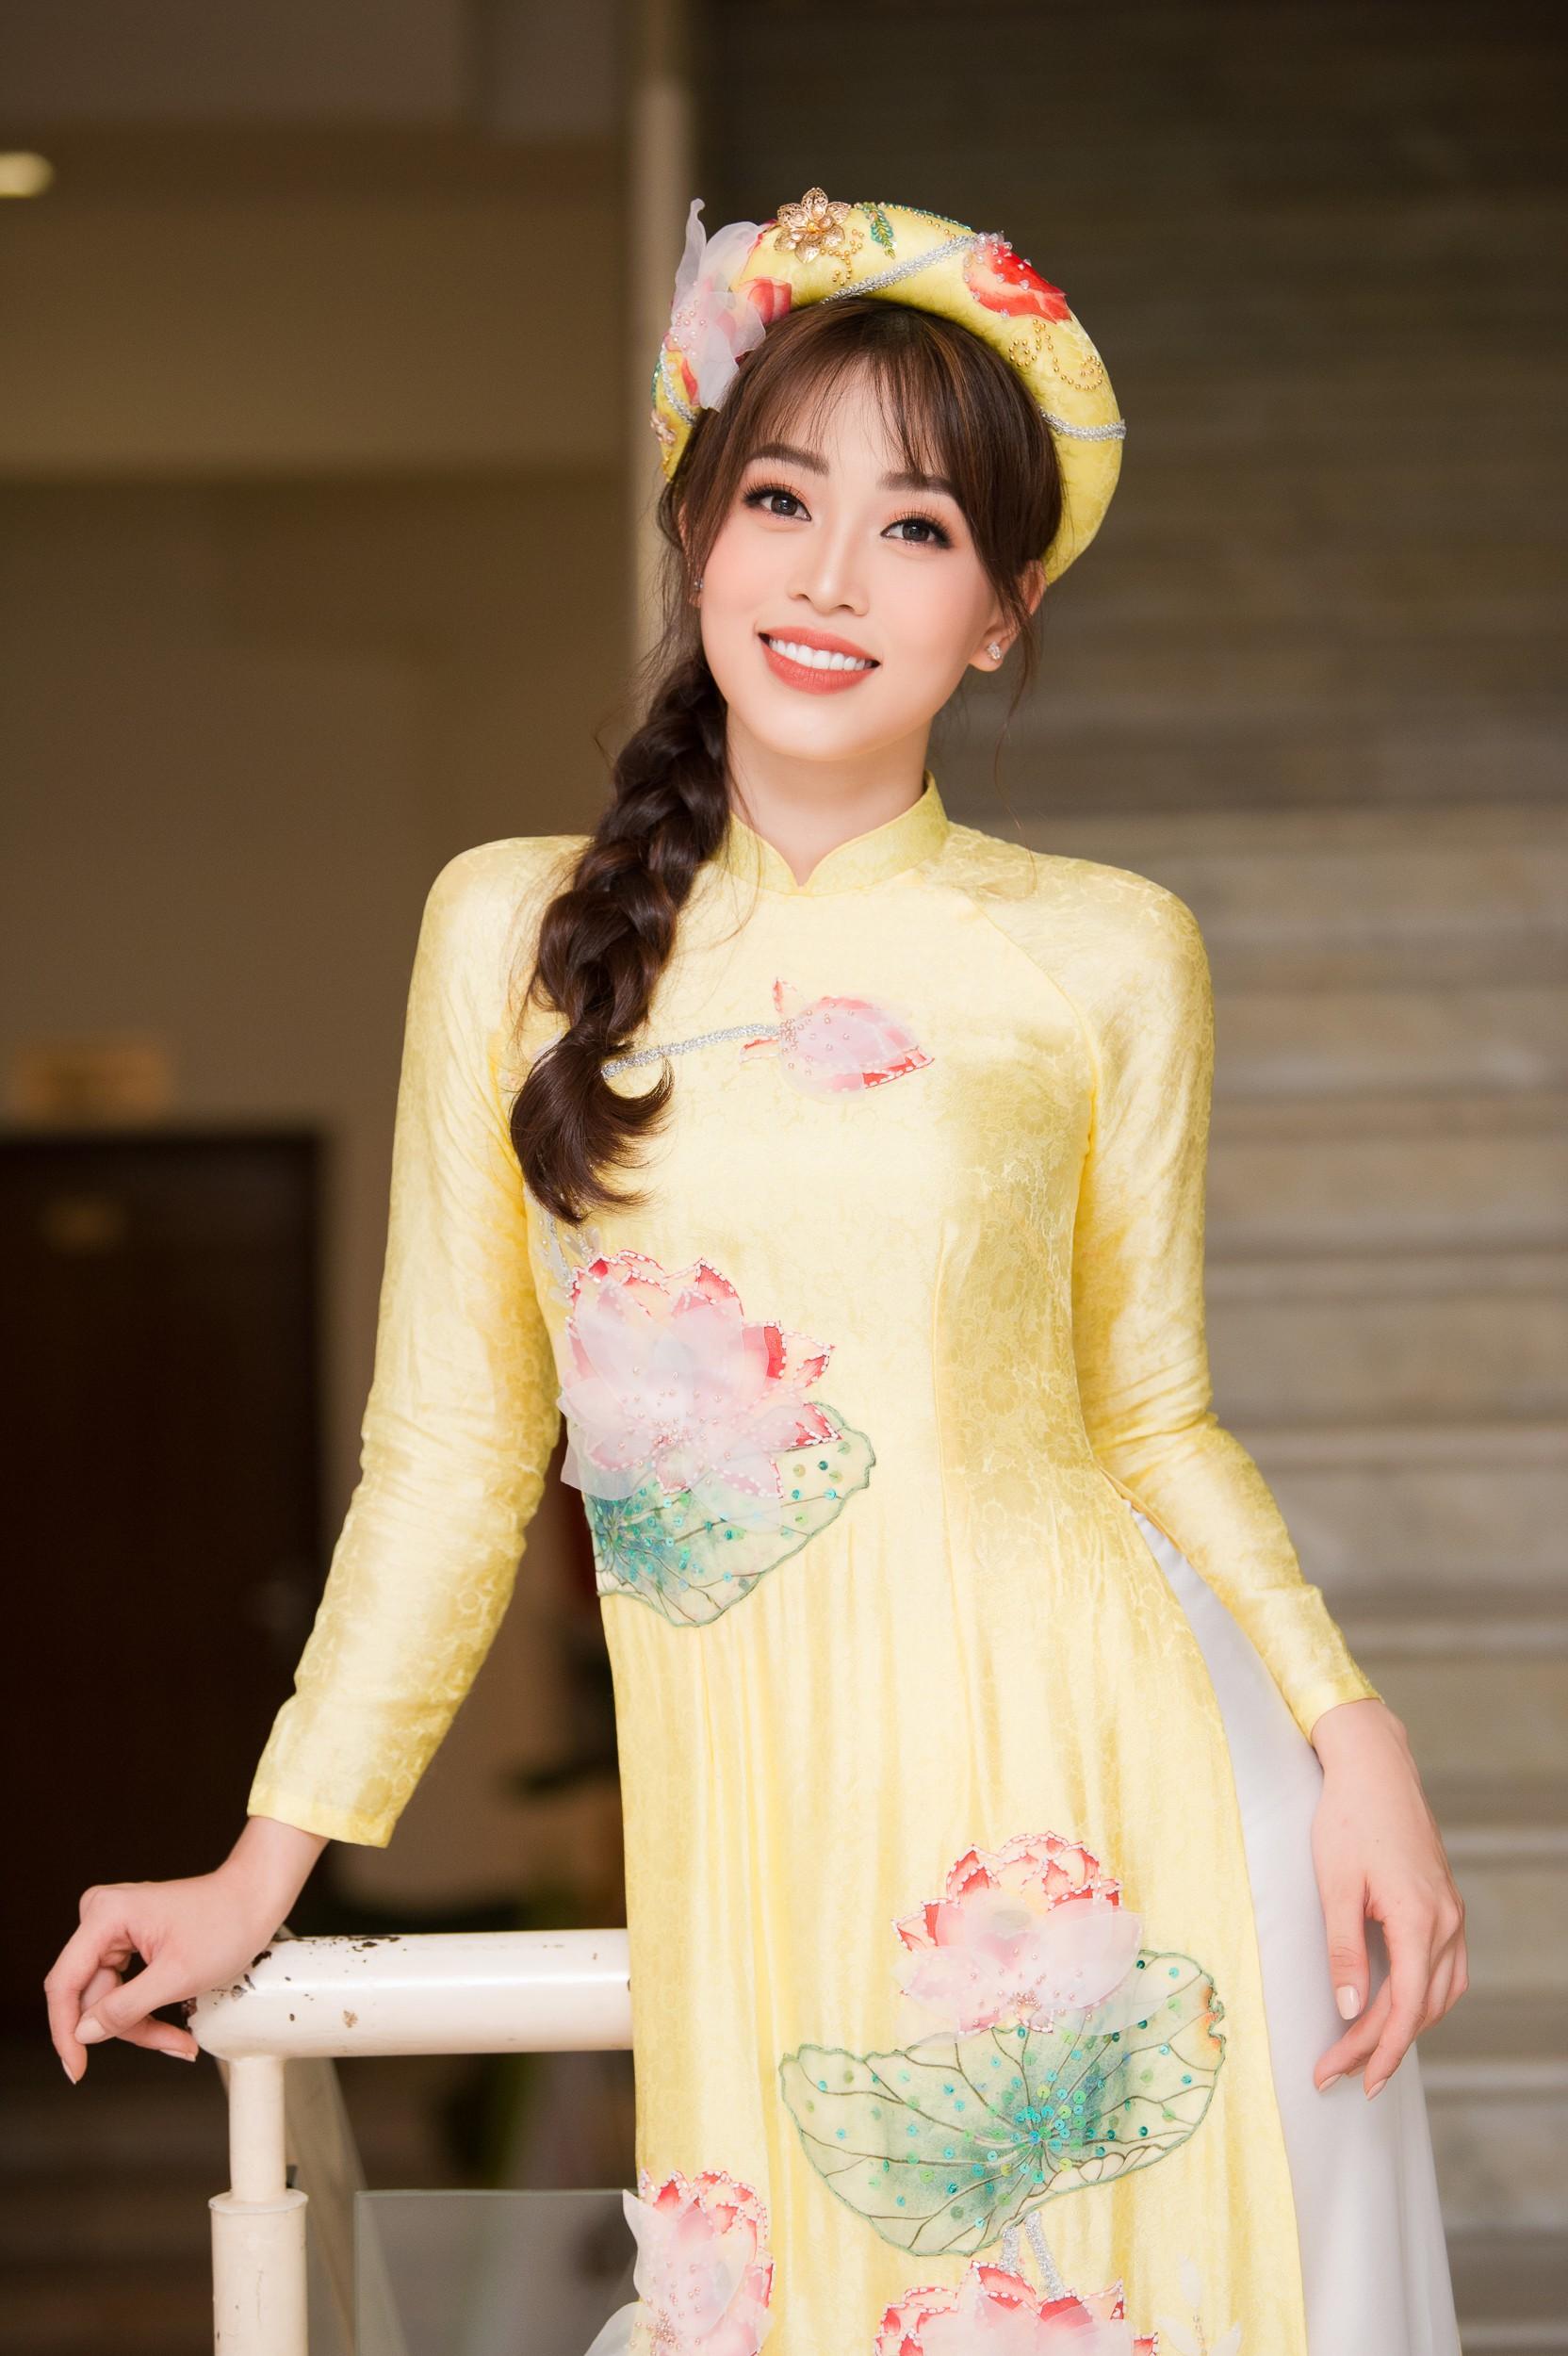 Phương Nga diện áo dài nền nã, thân thiết khi đụng độ bạn gái màn ảnh của Bình An - Ảnh 2.